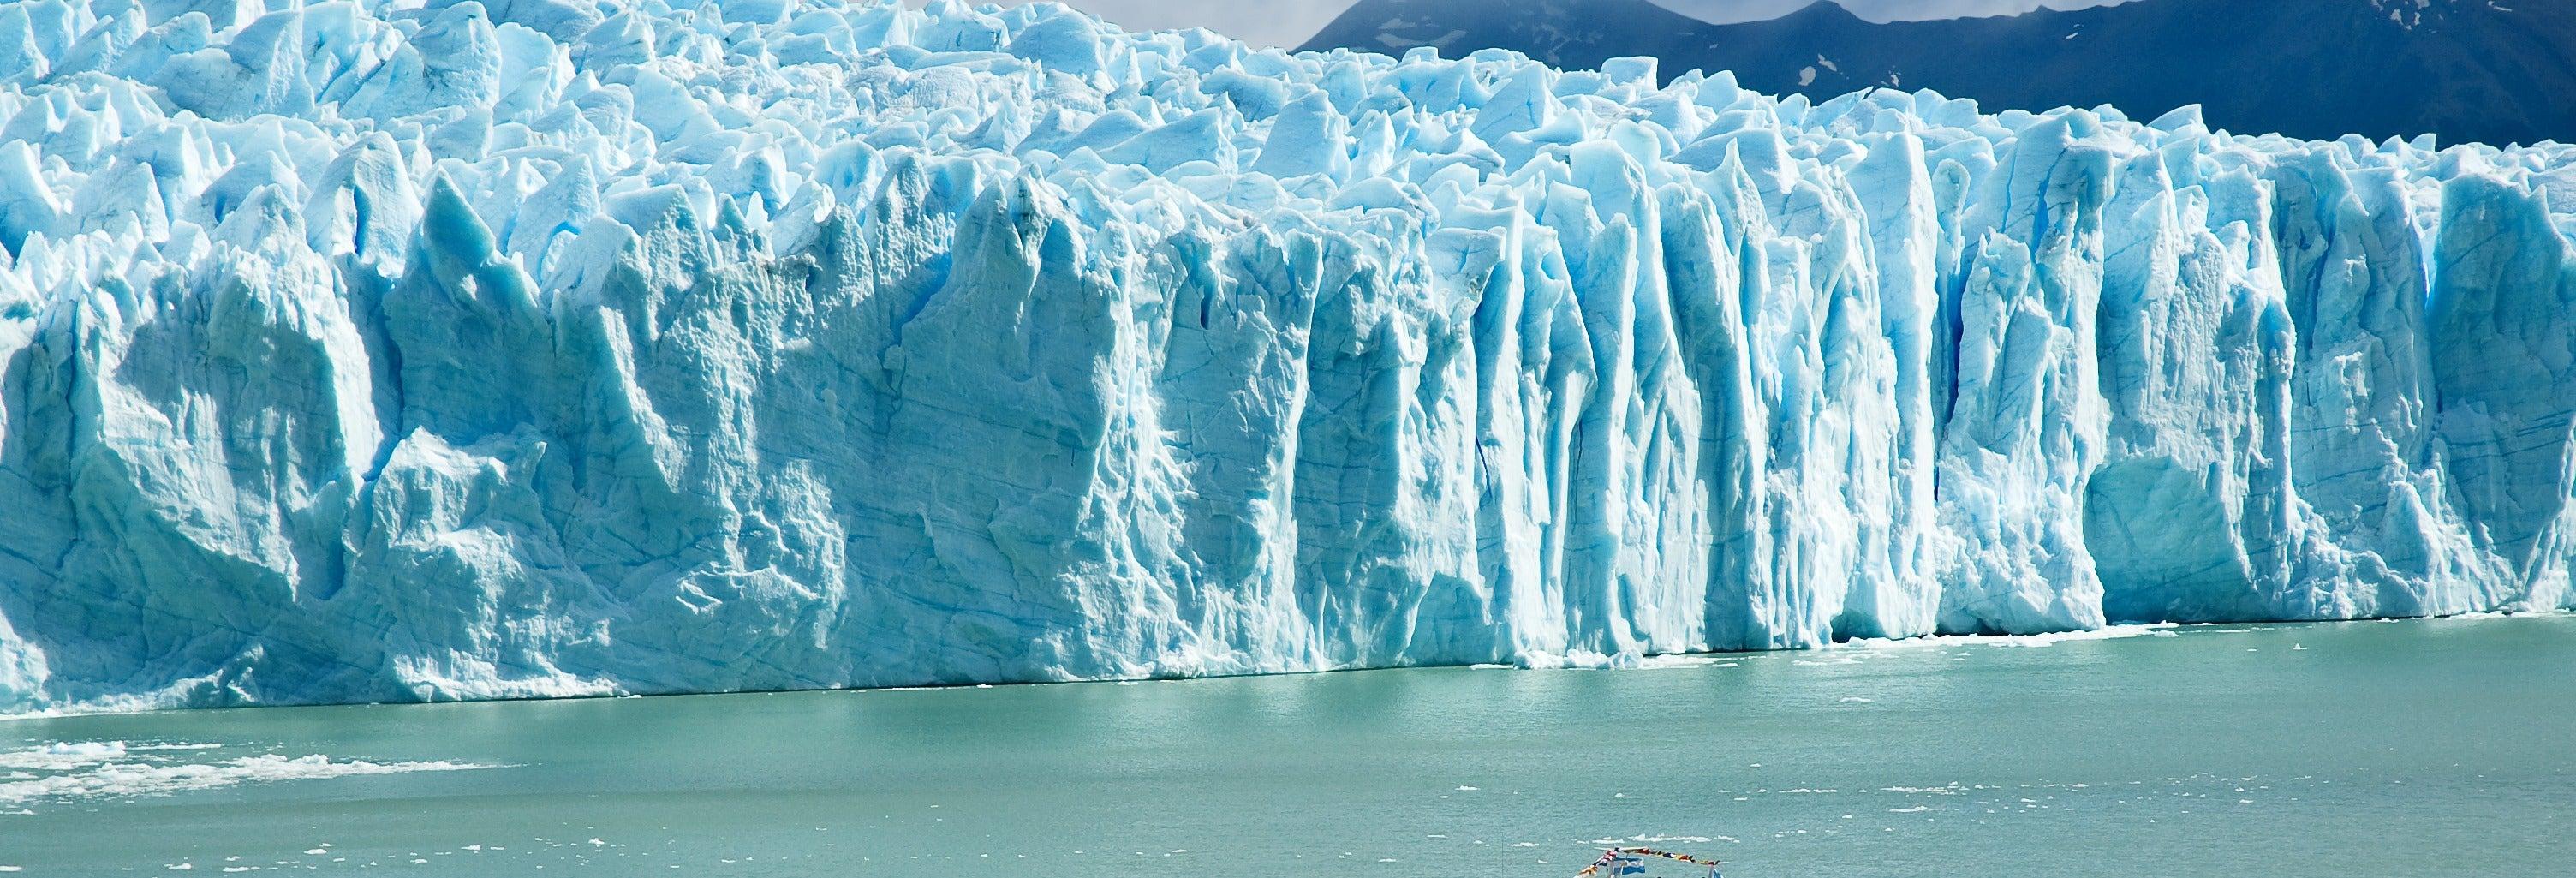 Paseo en barco por el Glaciar Perito Moreno